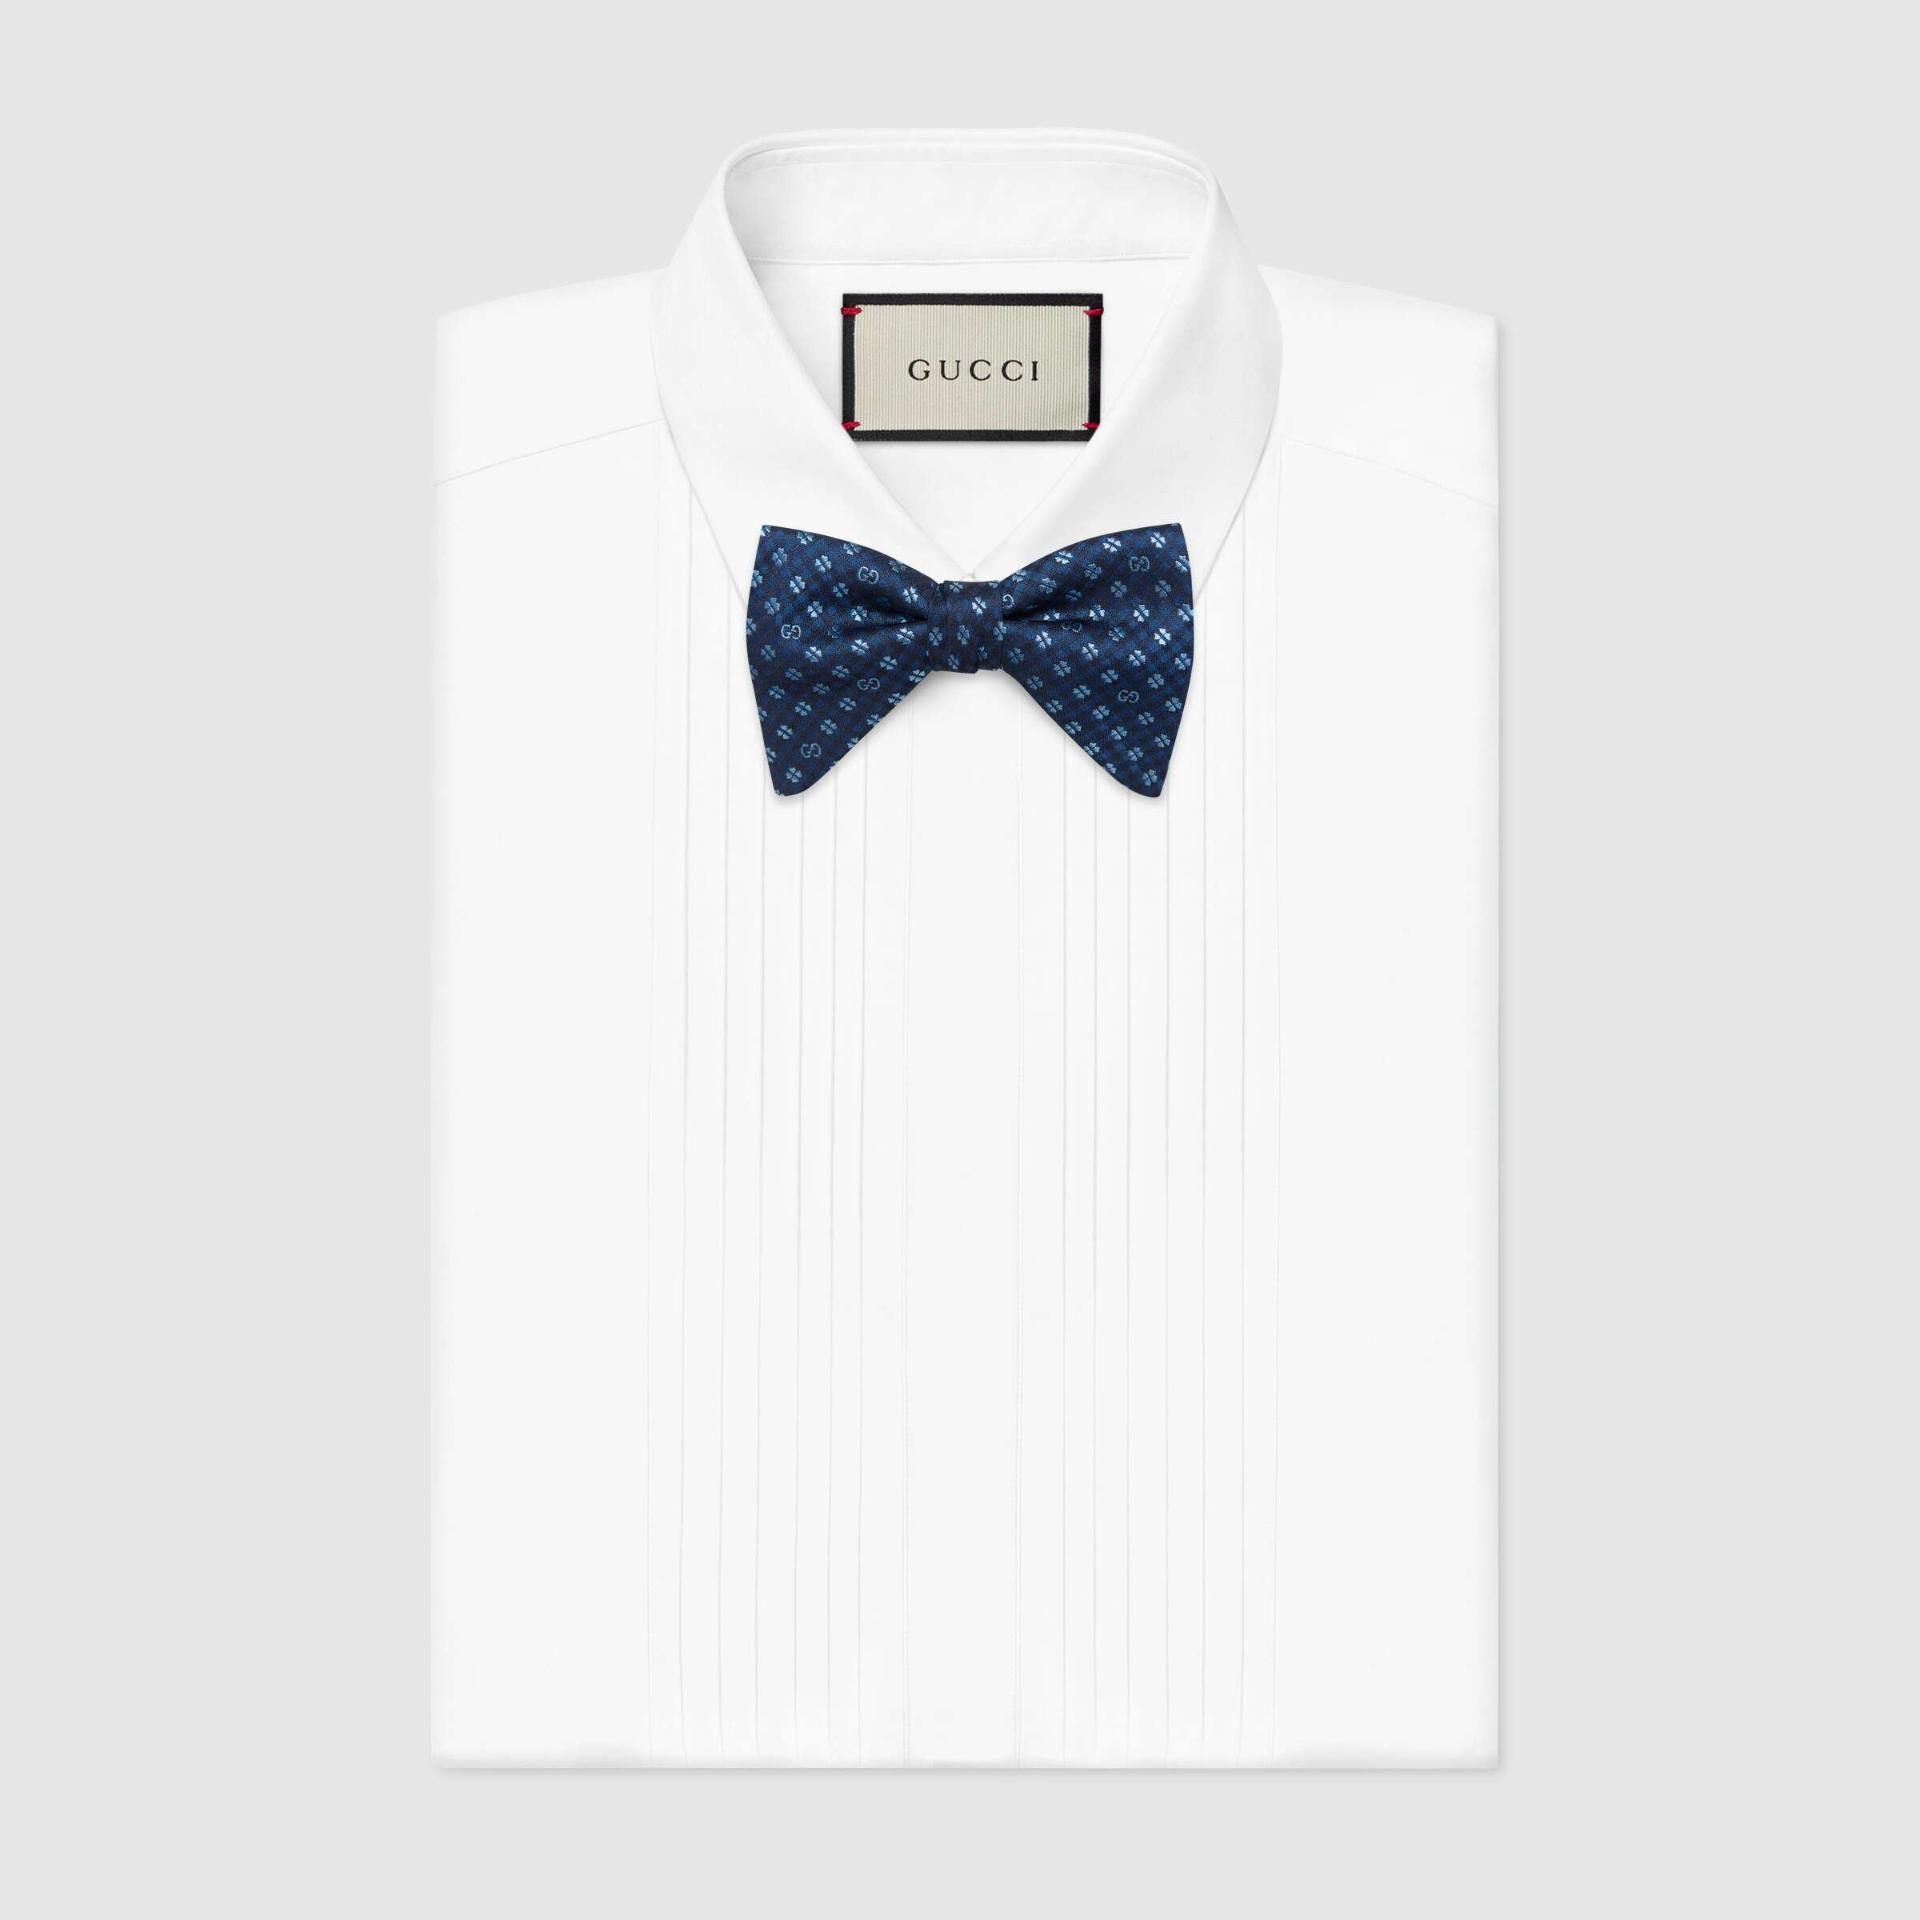 유럽직배송 구찌 GUCCI Gucci Interlocking G and clover silk bow tie 6624674G0094369